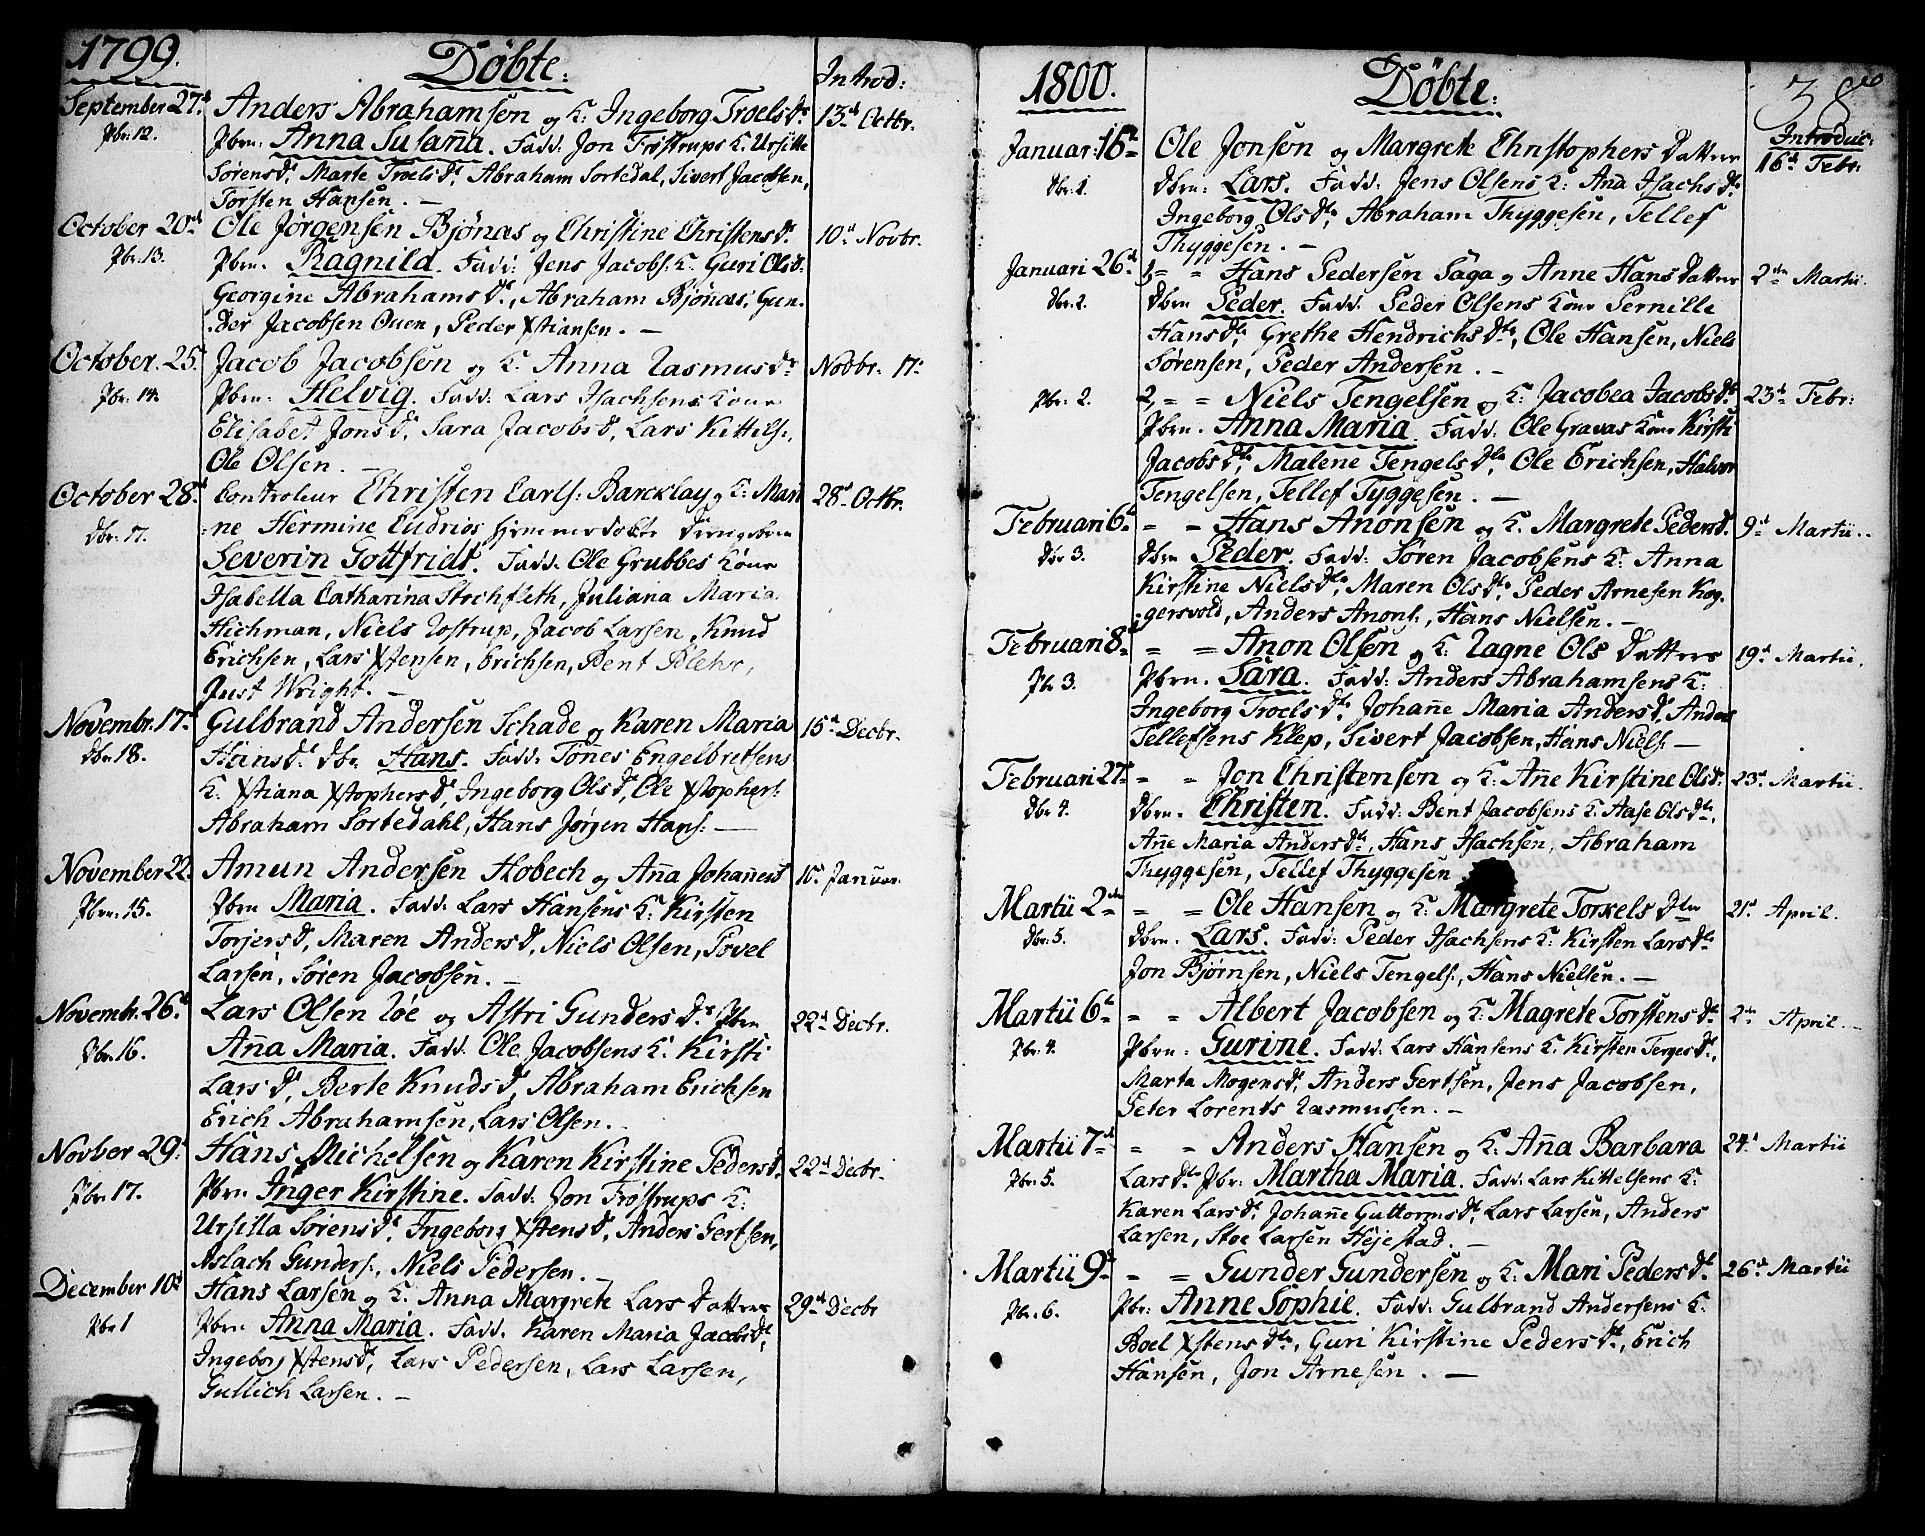 SAKO, Brevik kirkebøker, F/Fa/L0003: Ministerialbok nr. 3, 1764-1814, s. 38